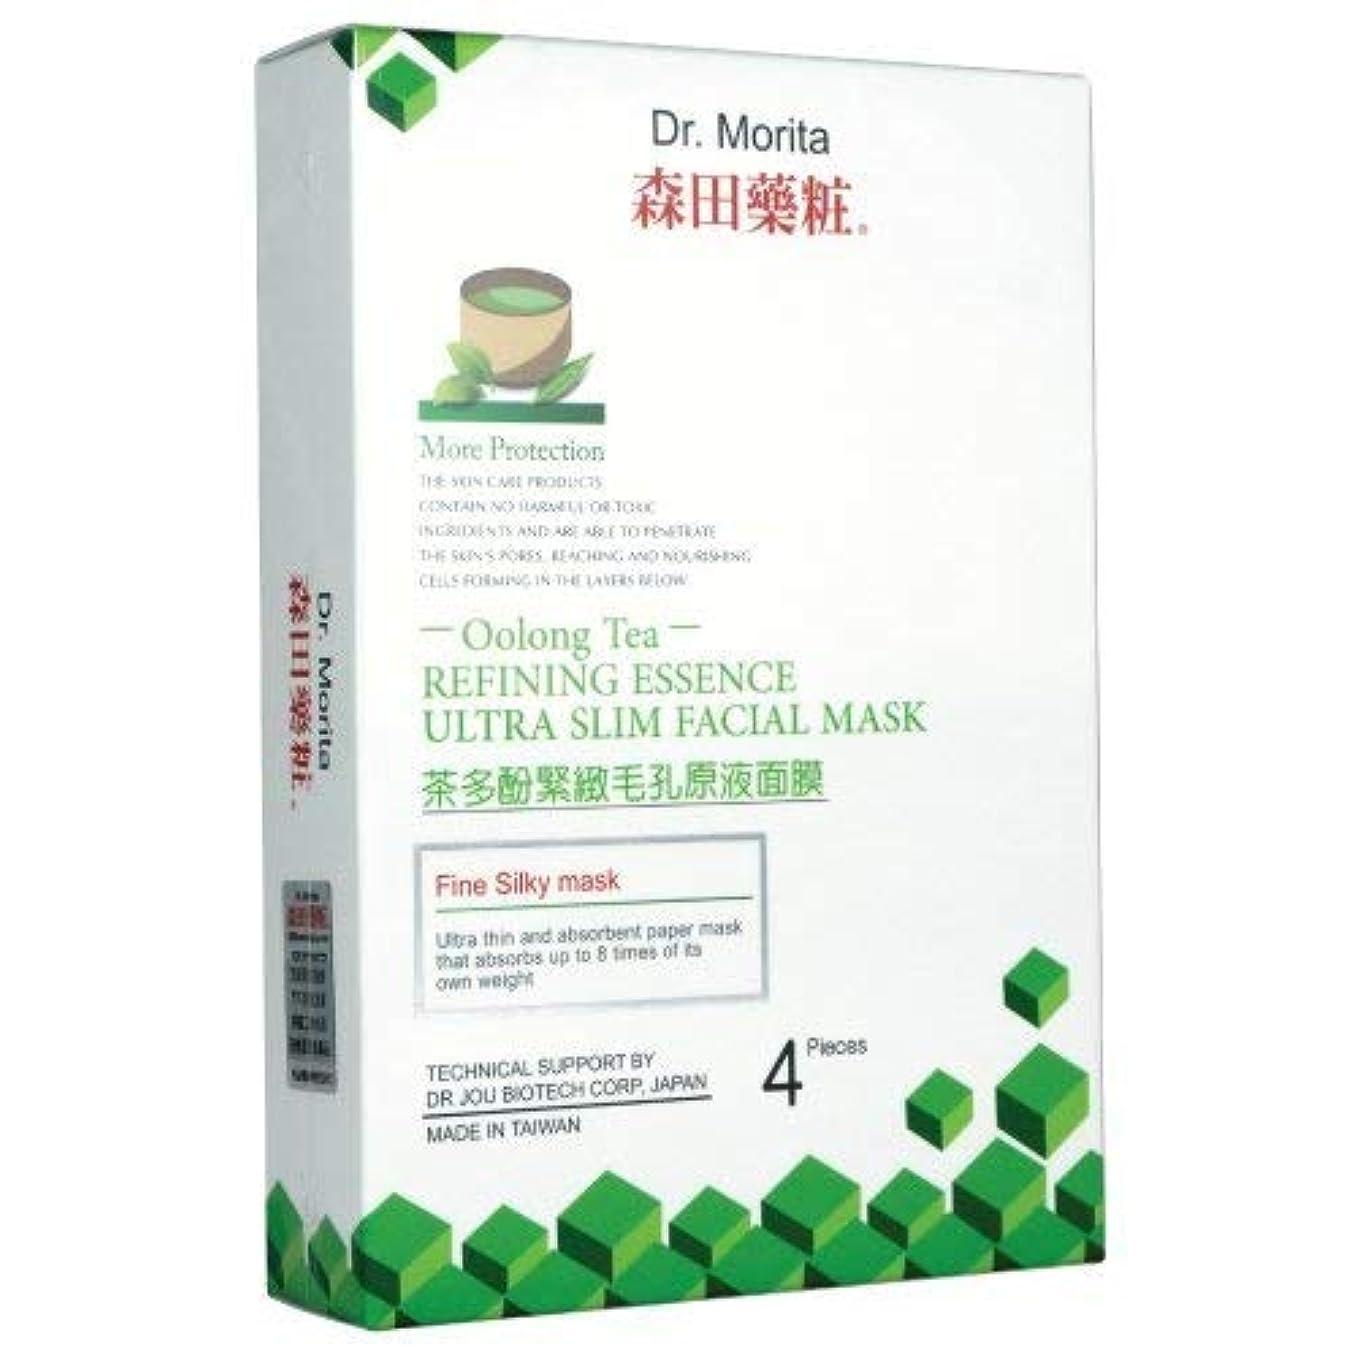 カビブラウザ幹Doctor Morita (ウーロン茶)洗練されたエッセンス超スリムフェイシャルマスクは4肌を修復し、目に見える毛穴を引き締め、肌の質感の向上に役立ちます。